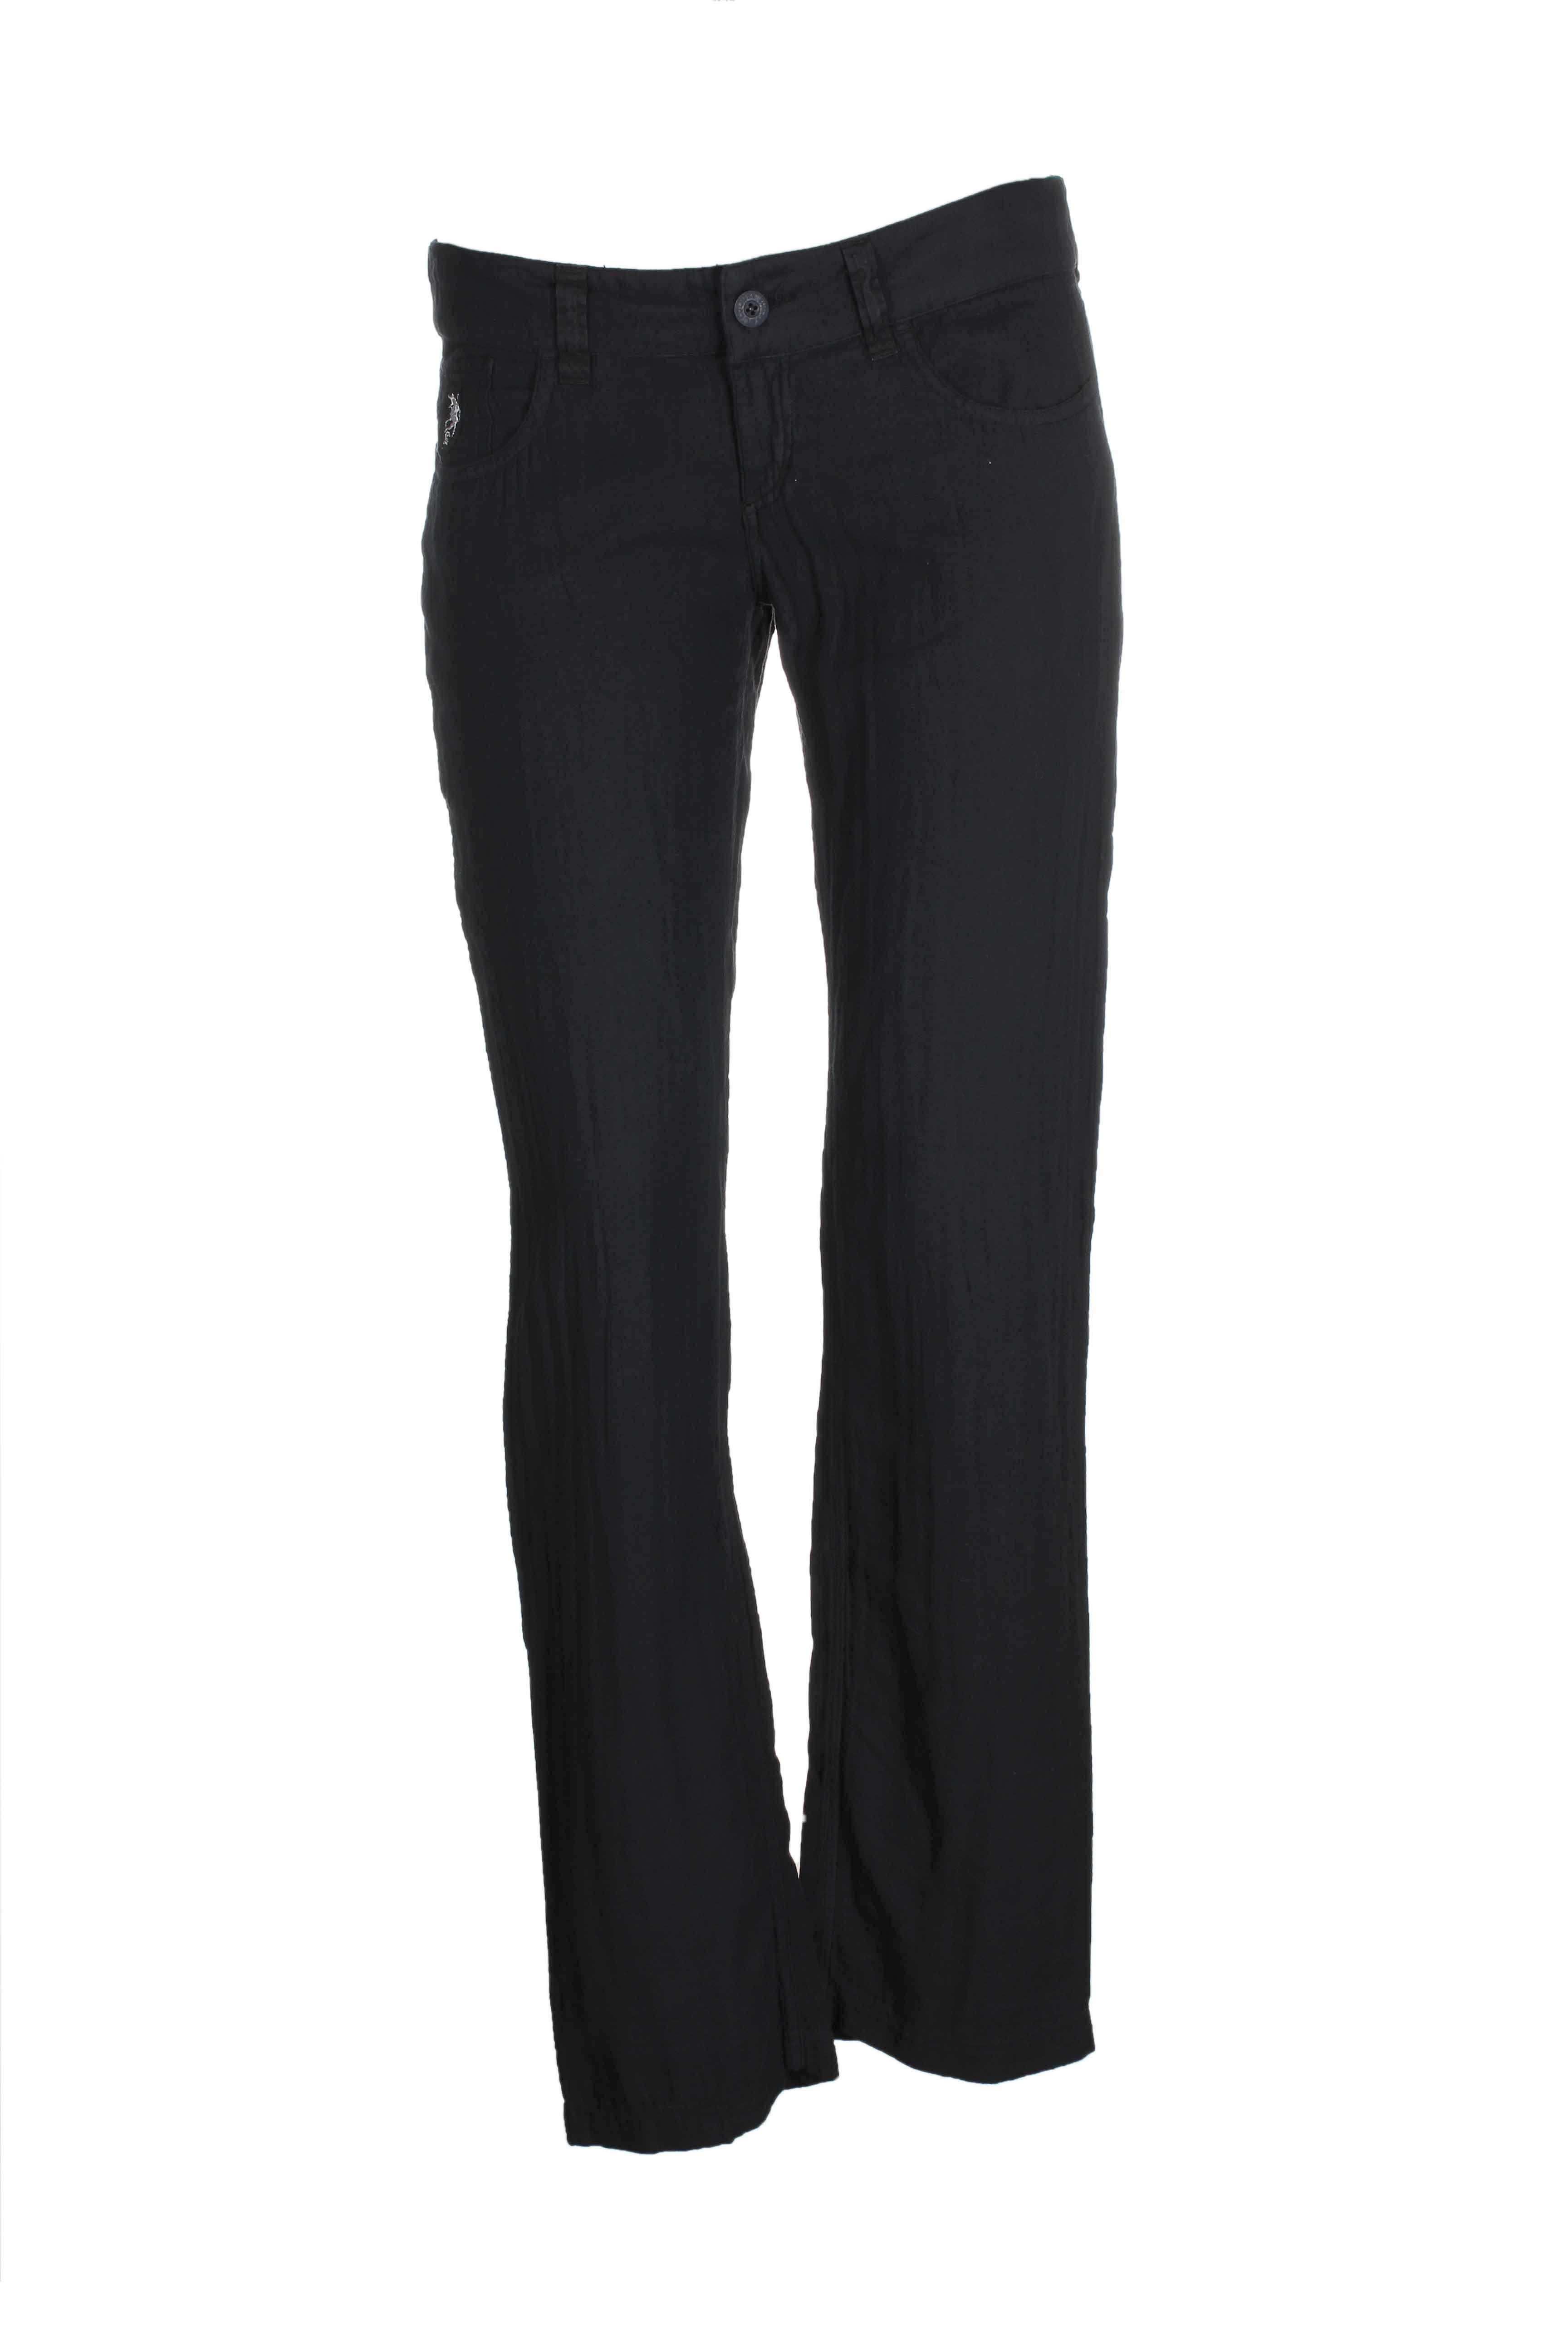 european culture pantalons femme de couleur noir